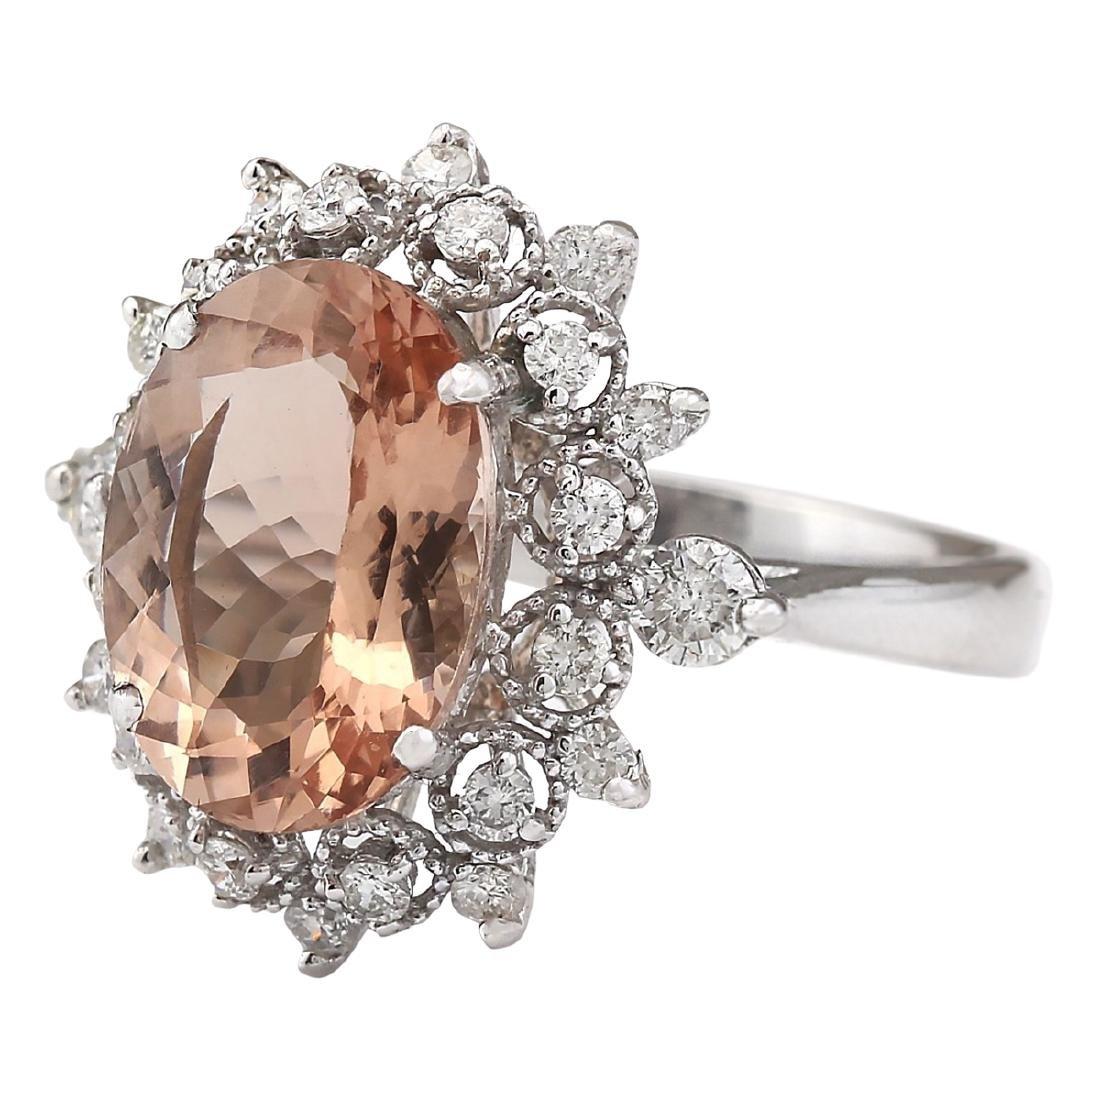 4.38 CTW Natural Morganite And Diamond Ring In 18K - 2